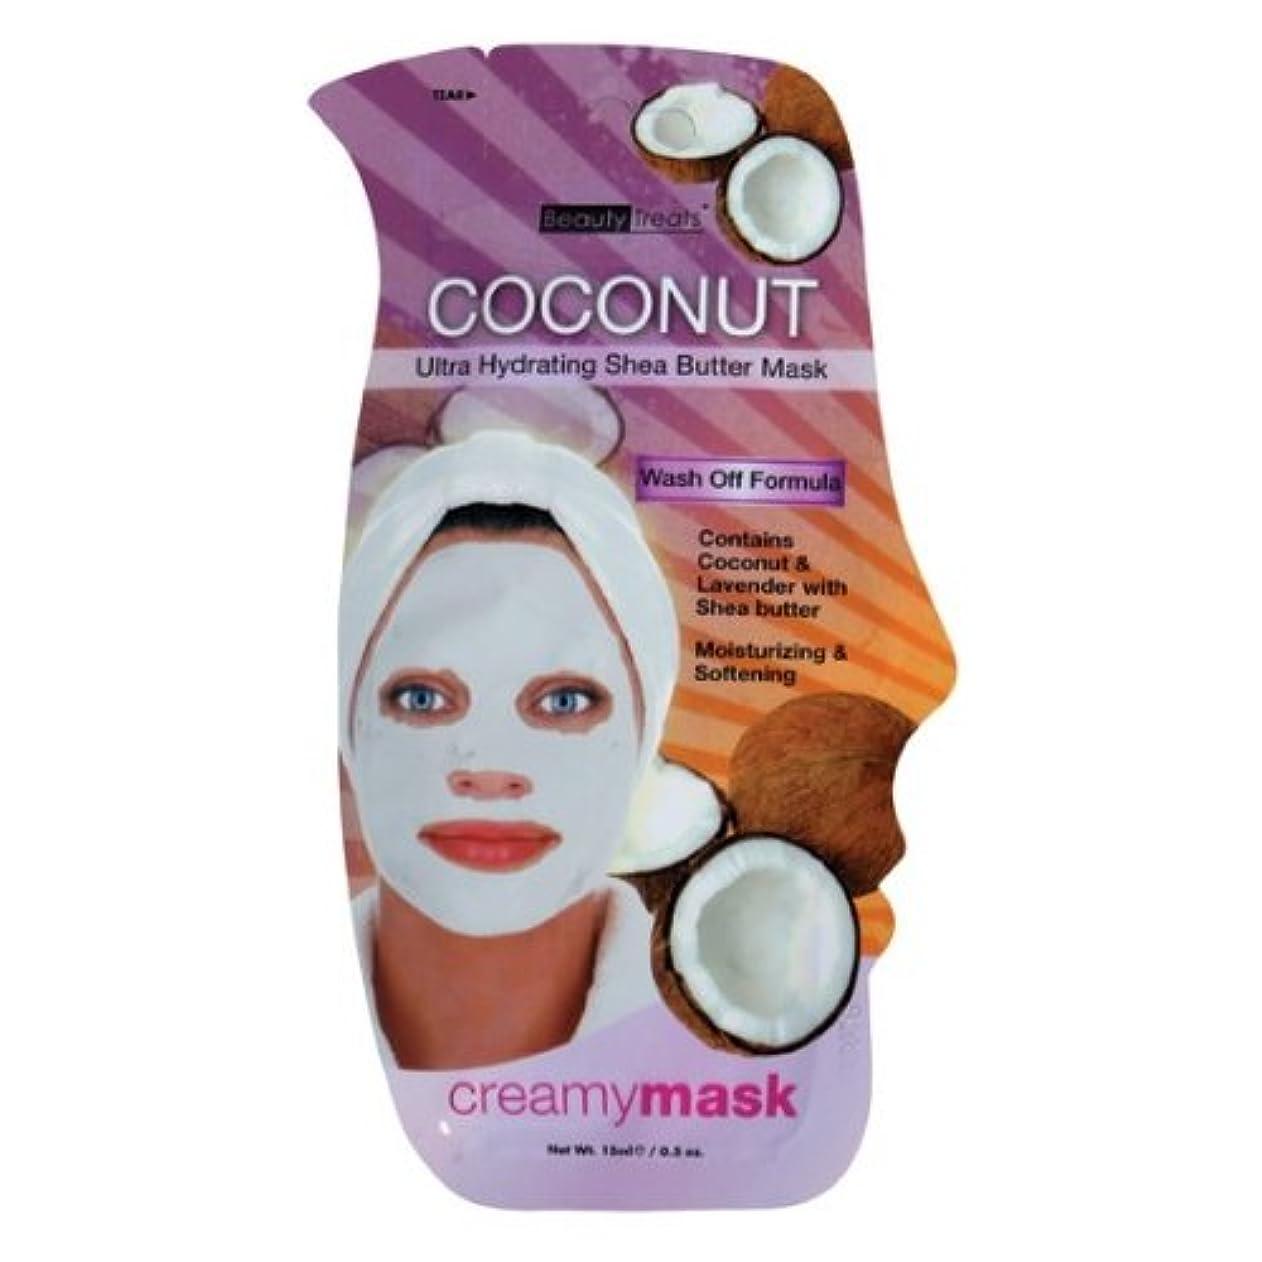 アクティビティ選ぶかみそりBEAUTY TREATS Coconut Ultra Hydrating Shea Butter Mask - Coconut (並行輸入品)